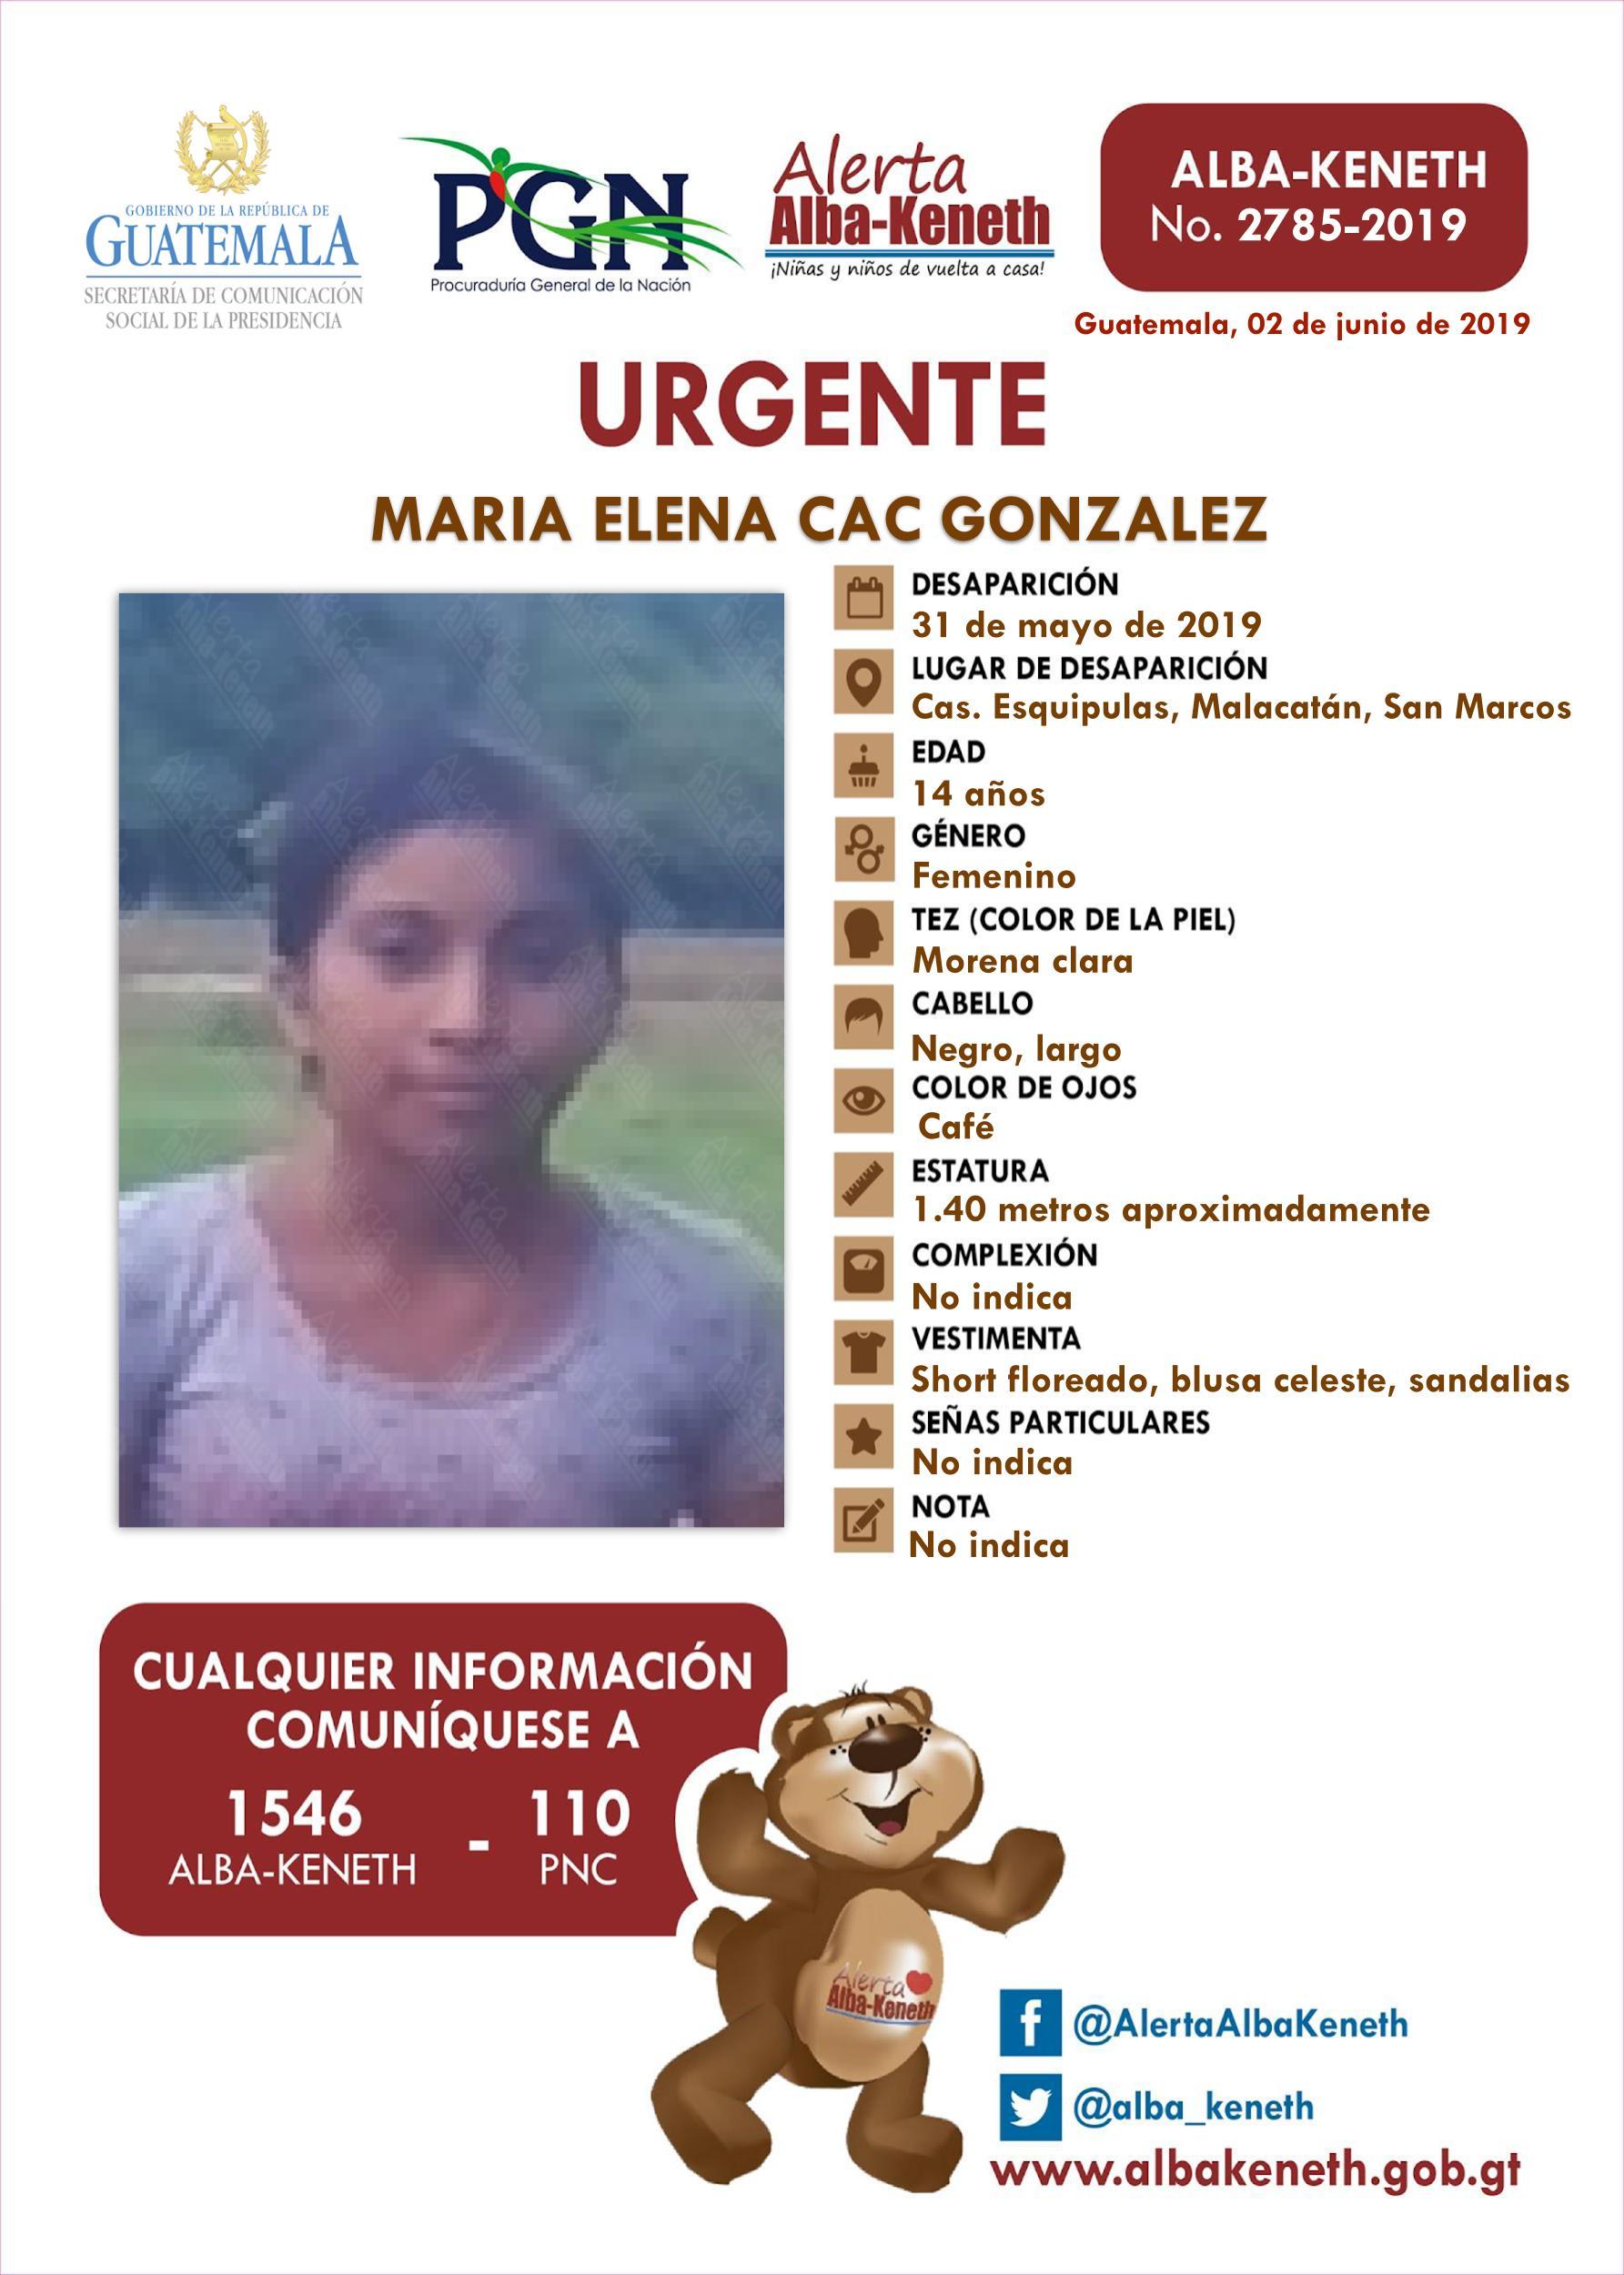 Maria Elena Cac Gonzalez